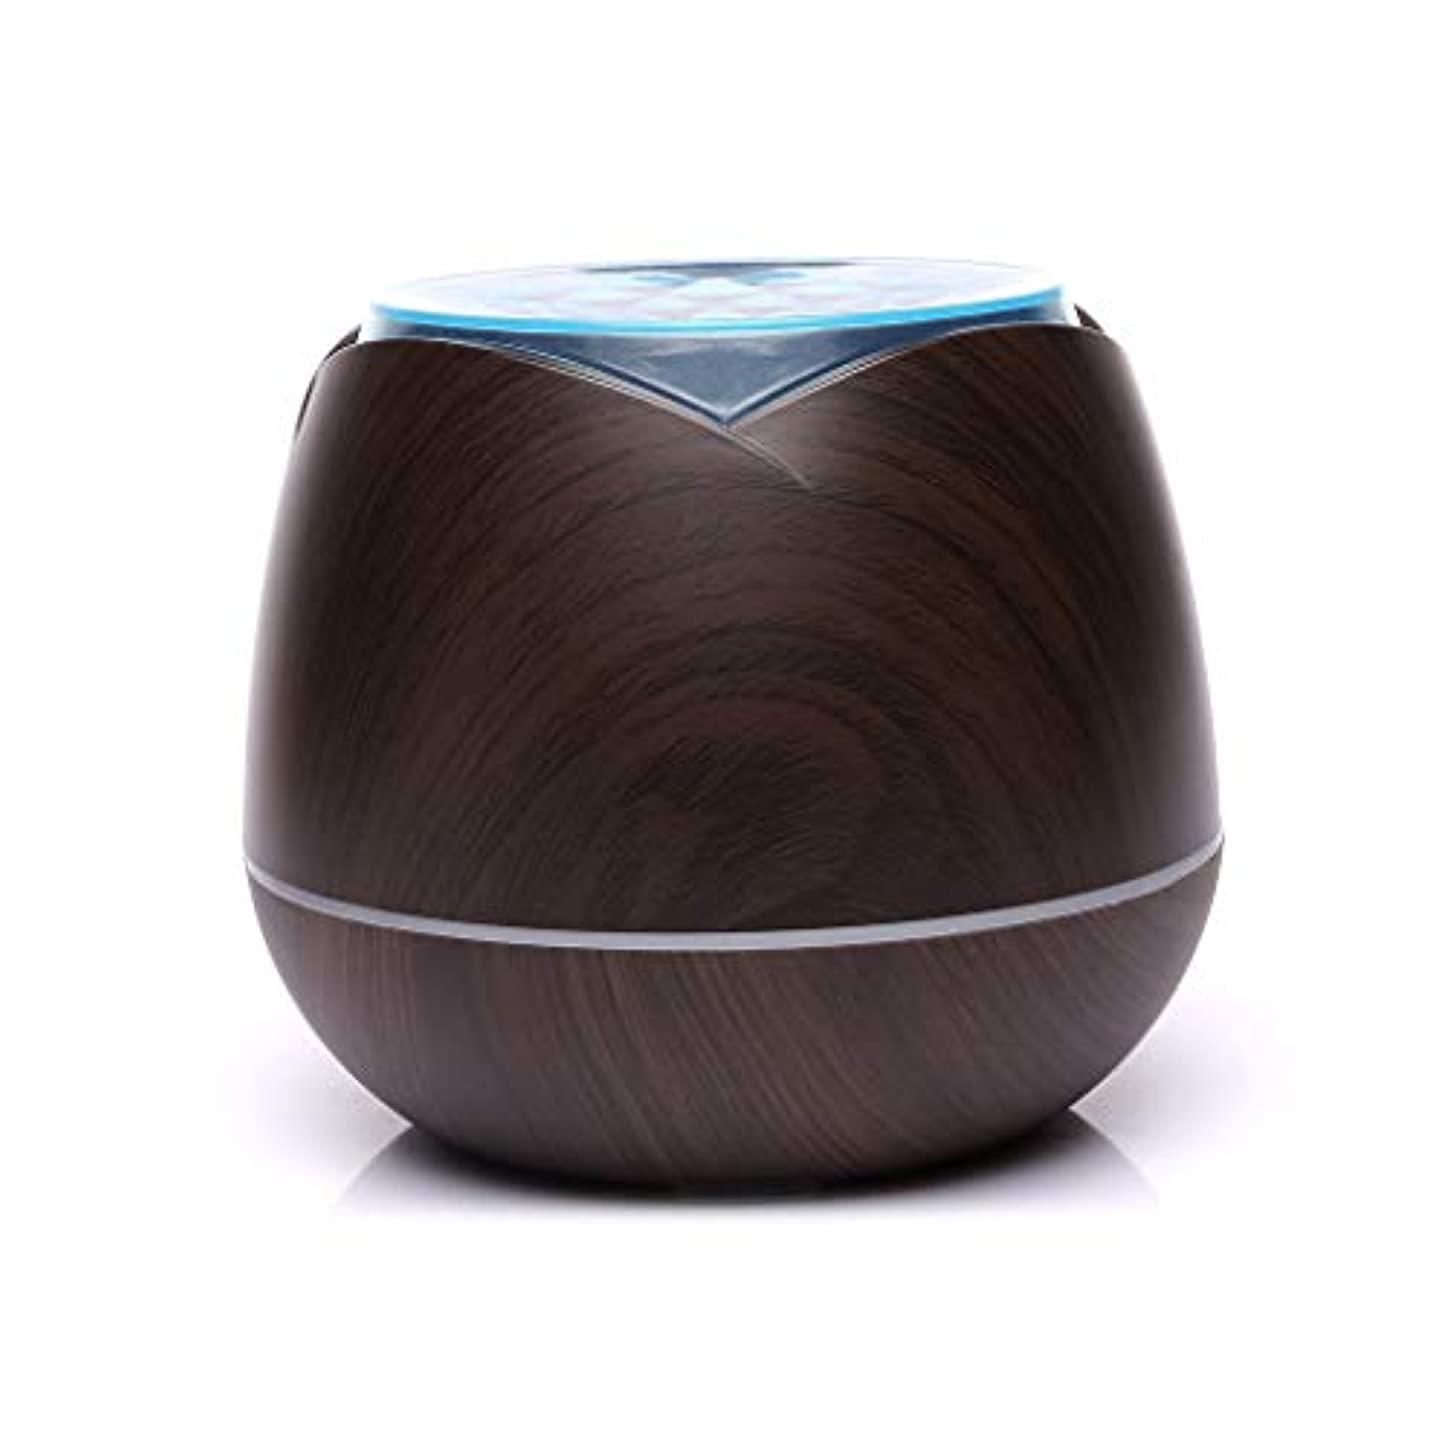 周囲差先生涼しい霧の空気加湿器、家、ヨガ、オフィス、鉱泉、寝室のために変わる色LEDライトと超音波400ml - 木目 - (Color : Dark wood grain)